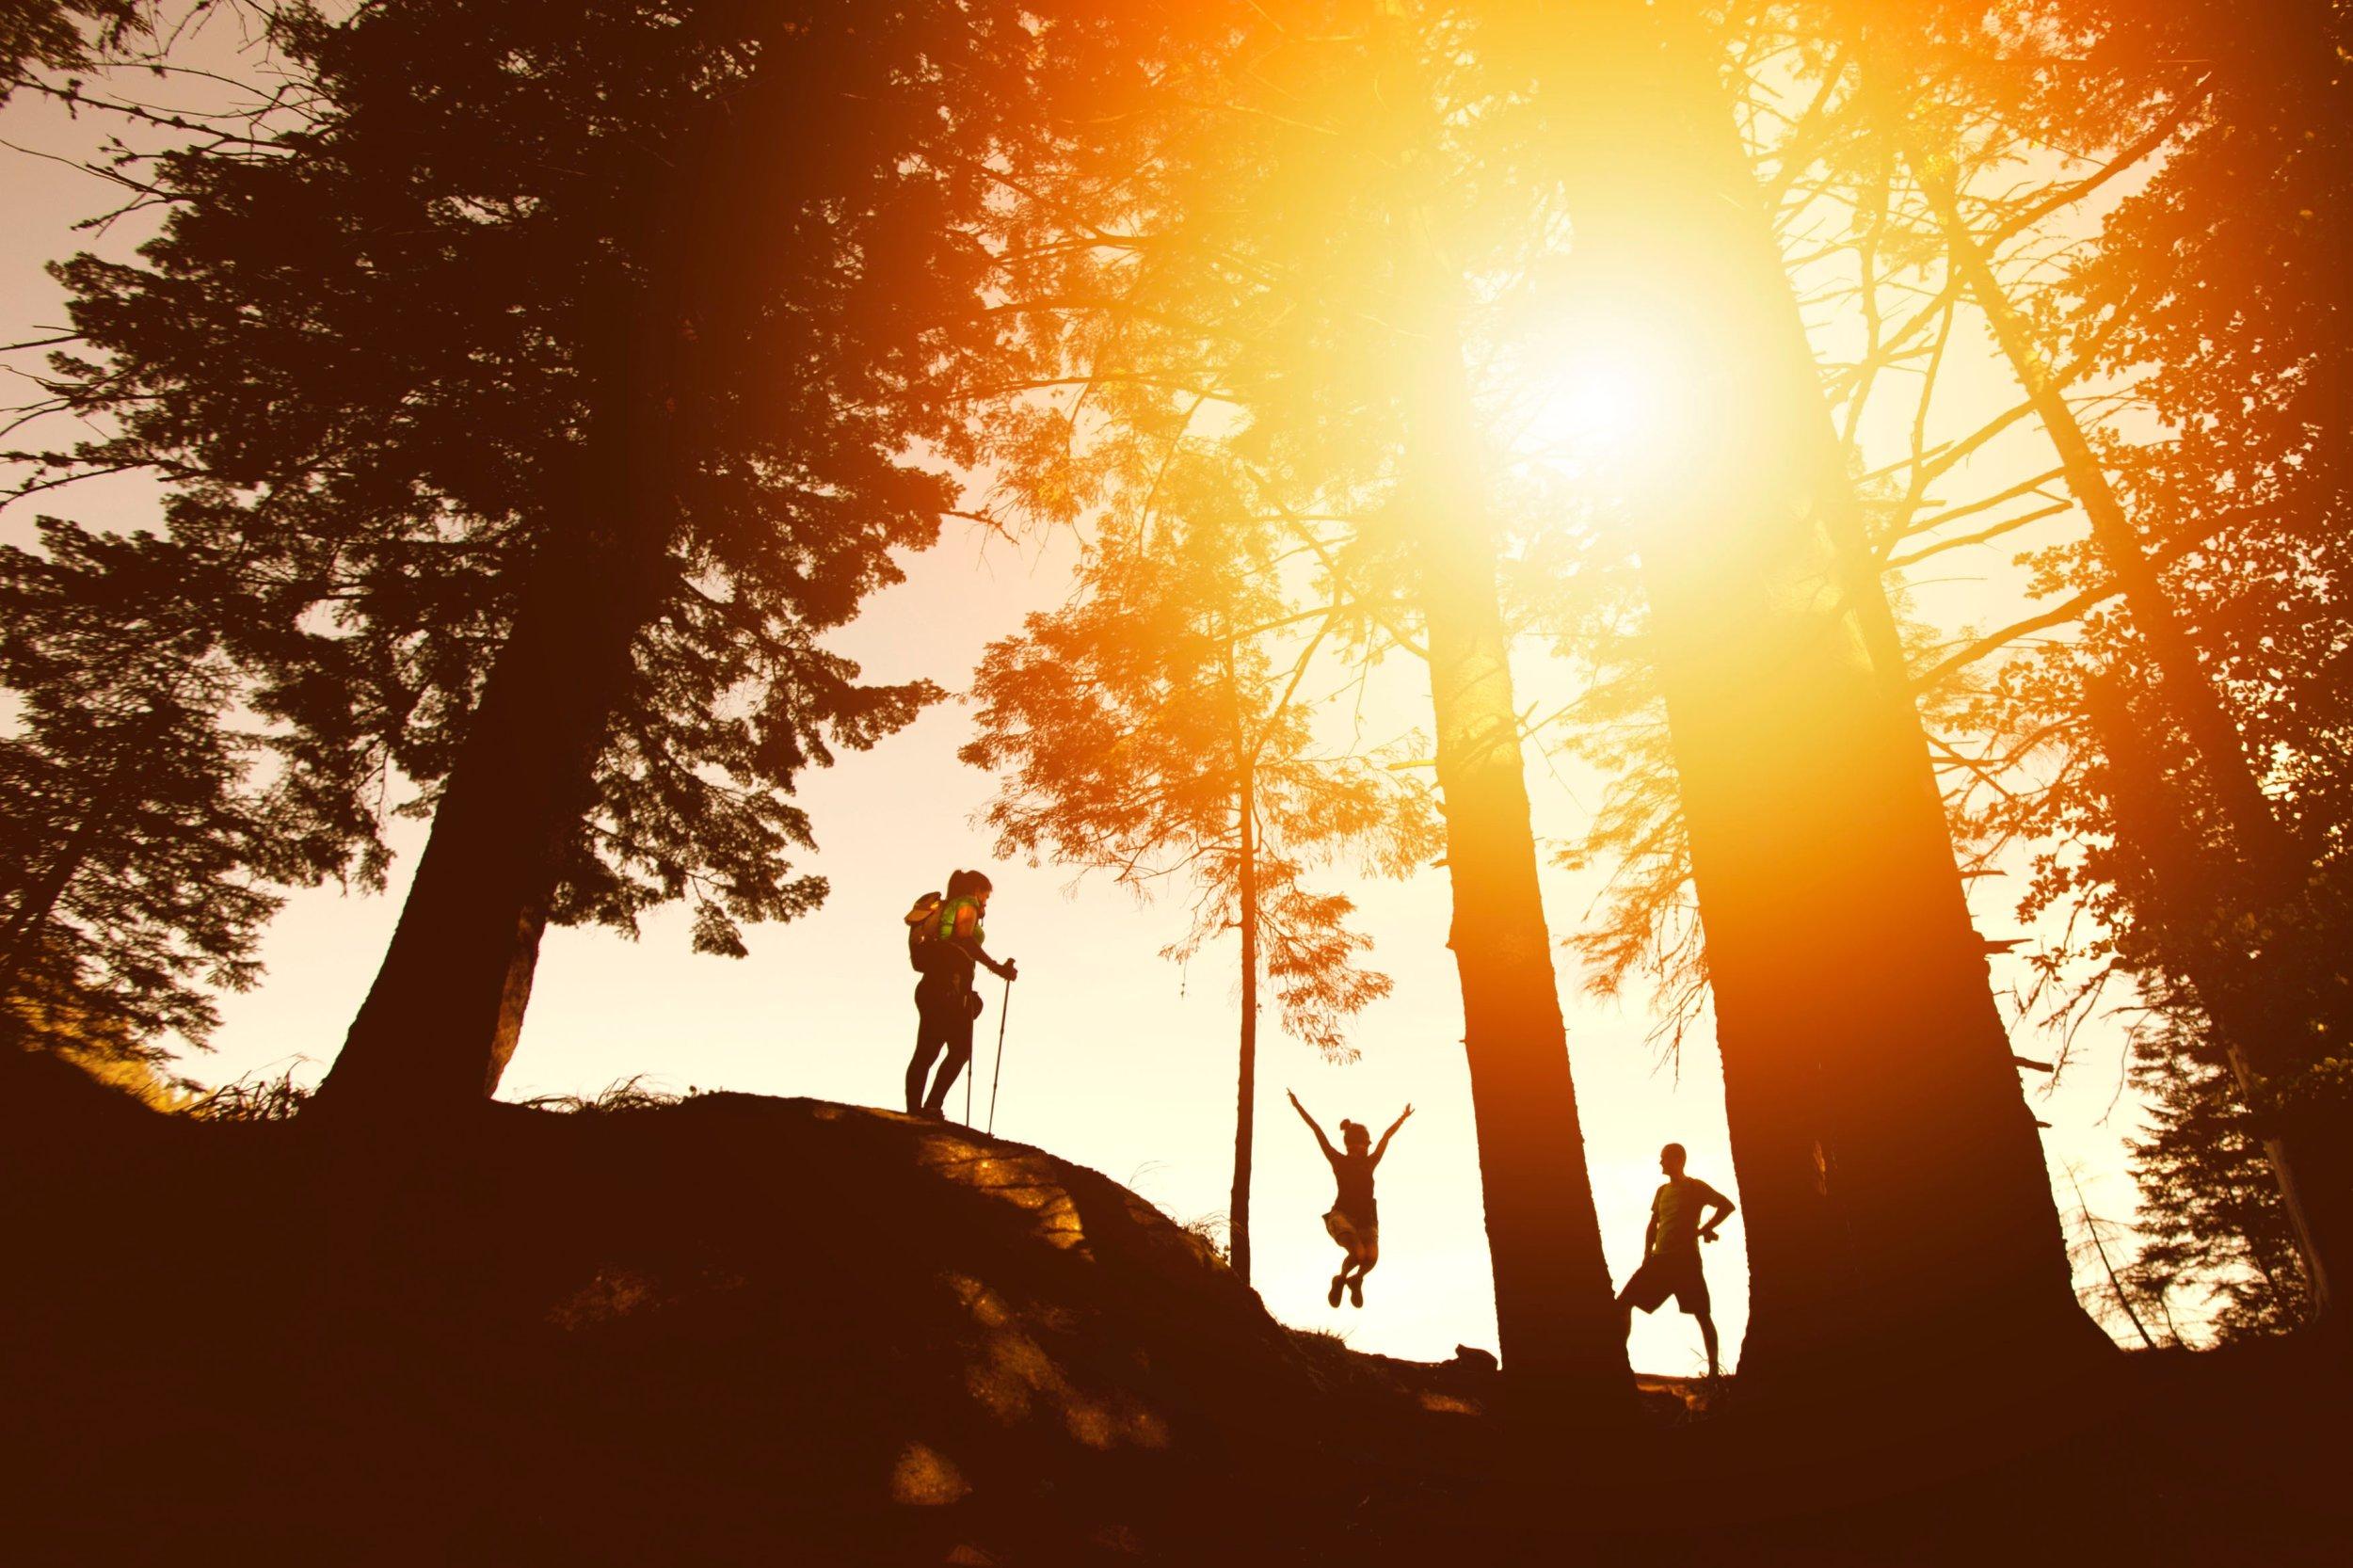 peoplejump.jpg